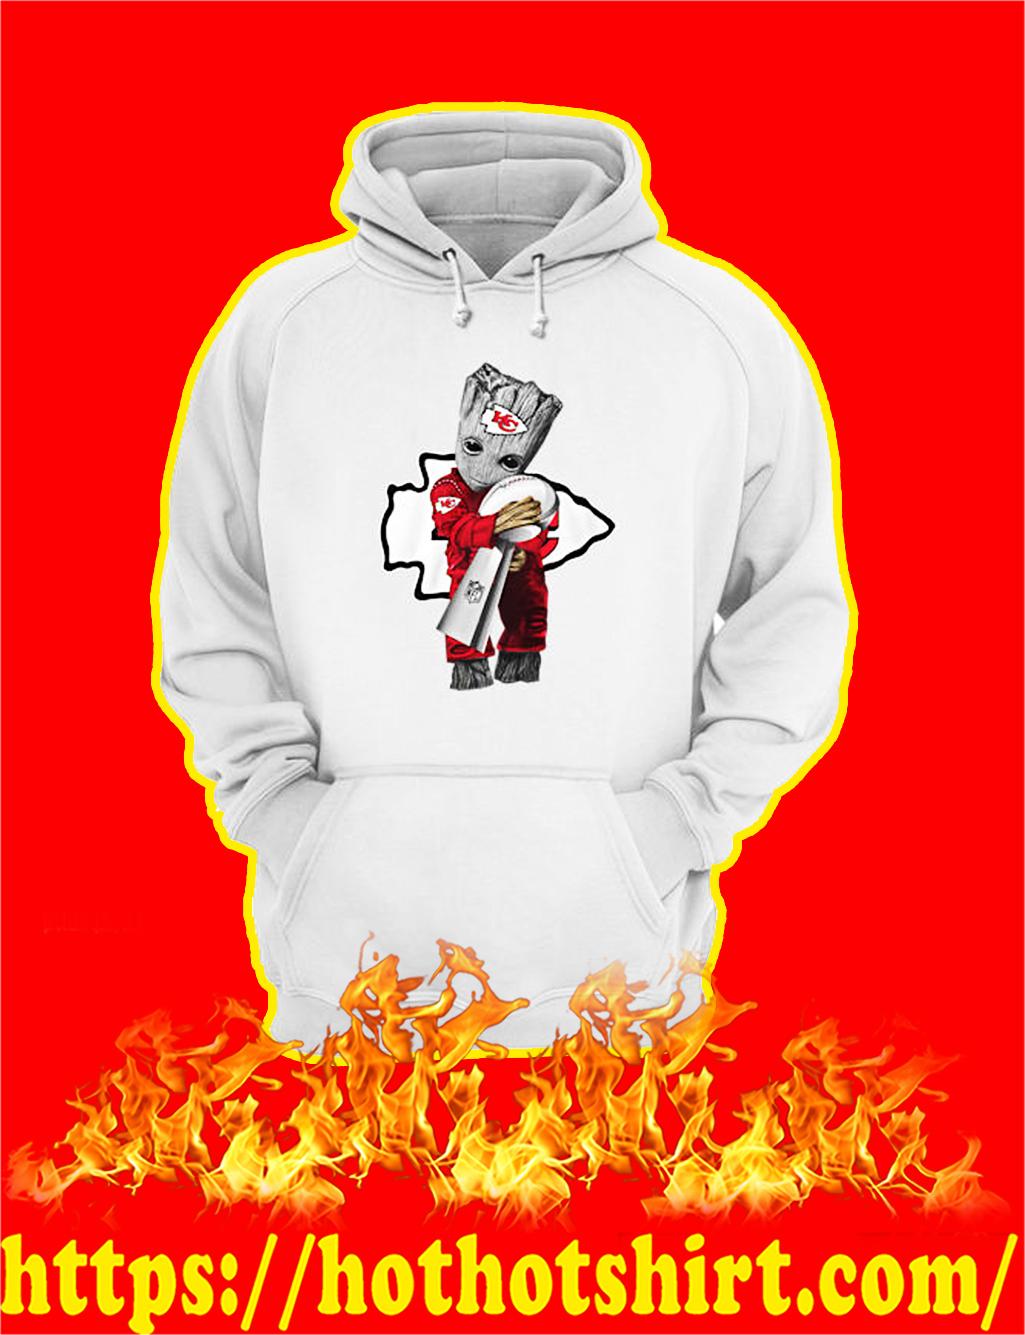 Chiefs Groot Hug Vince Lombardi Trophy hoodie